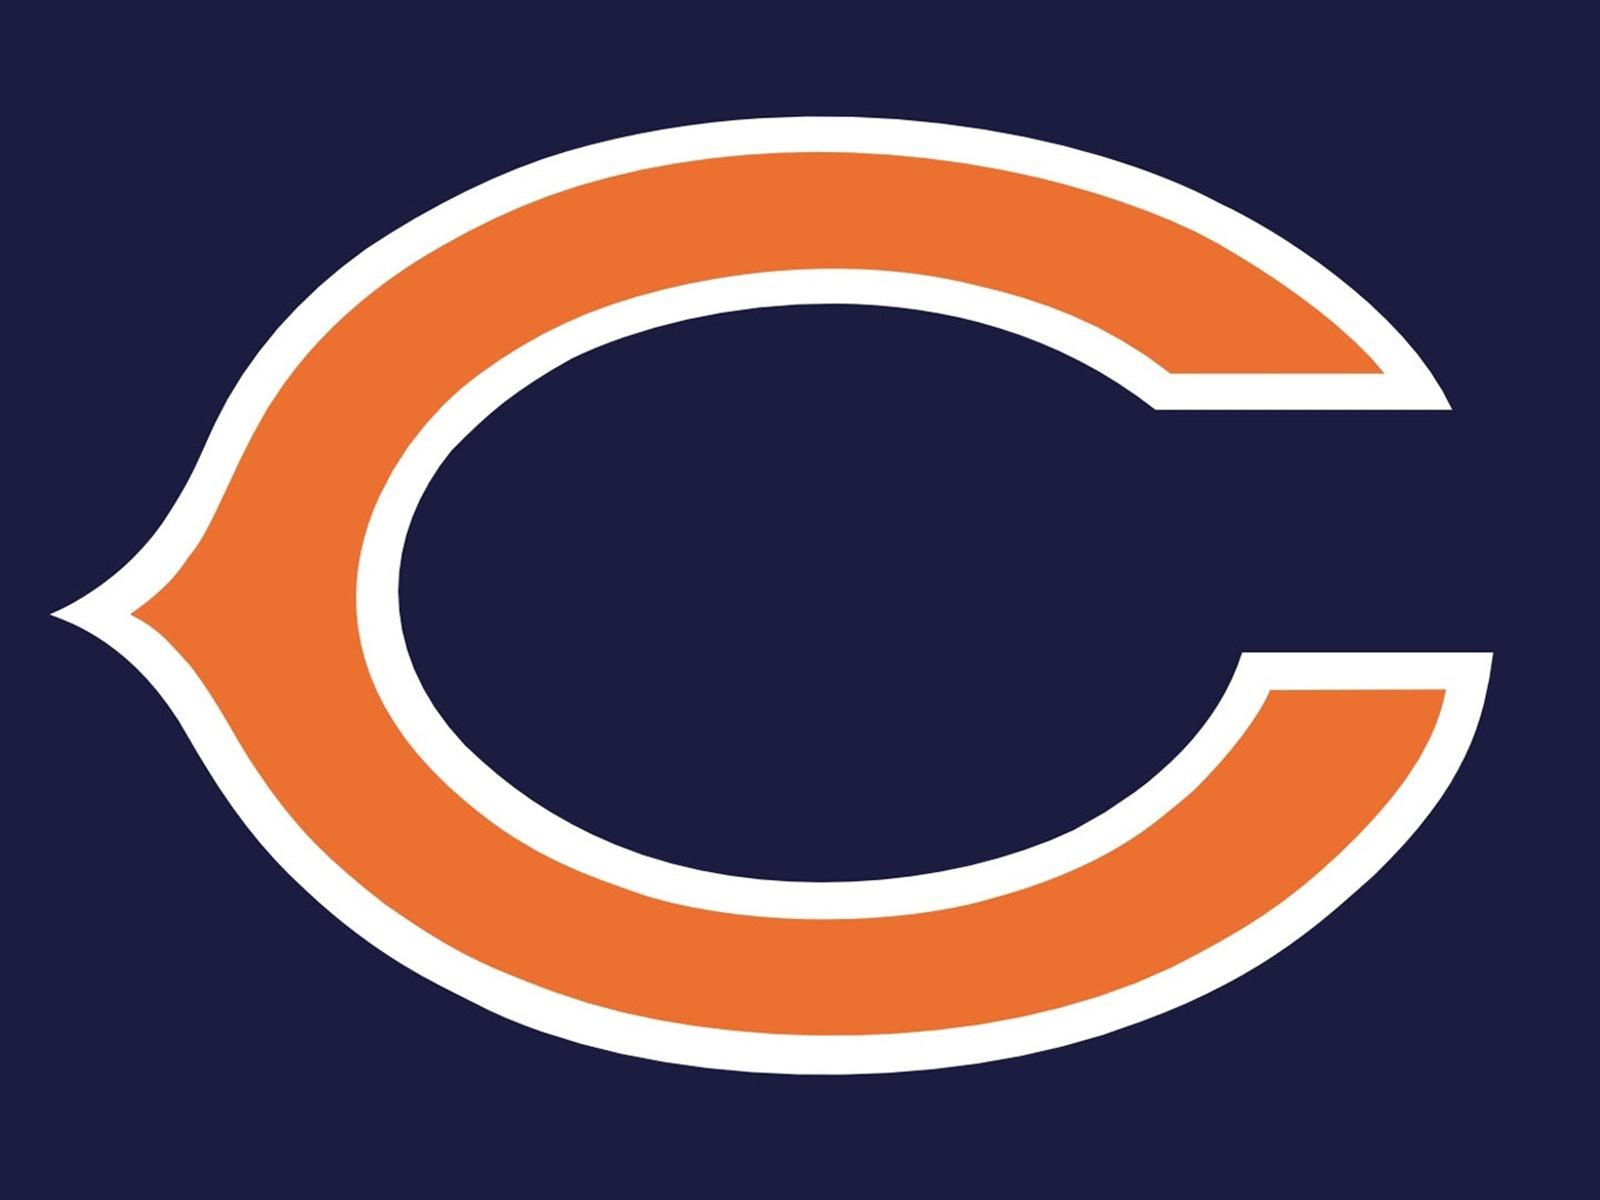 chicago-bears-logo_1491866136427.jpg